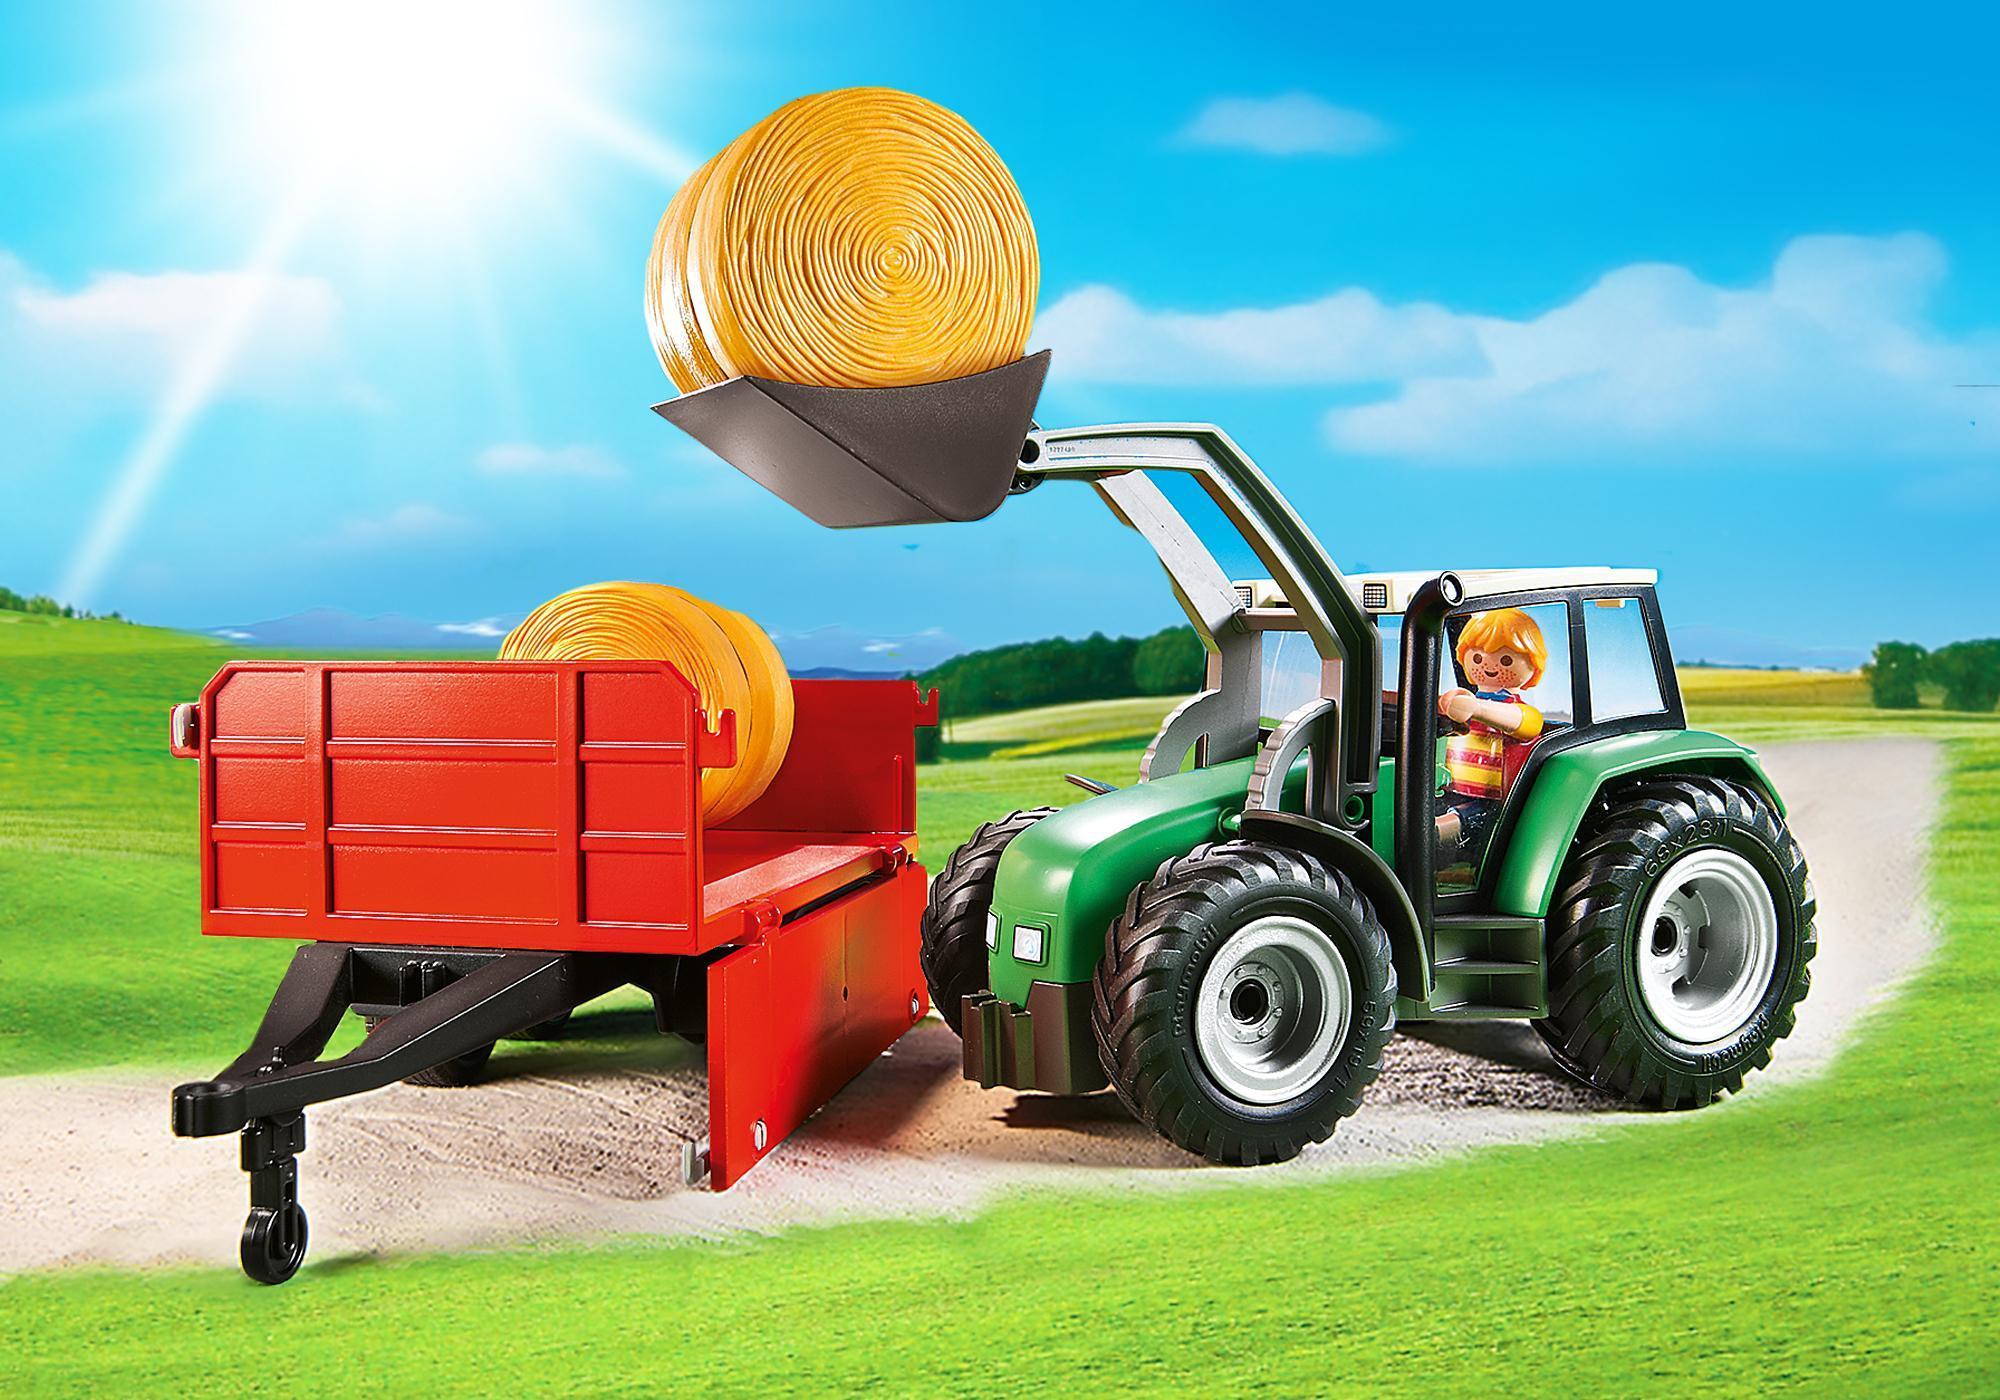 http://media.playmobil.com/i/playmobil/6130_product_extra3/Trator com Atrelado